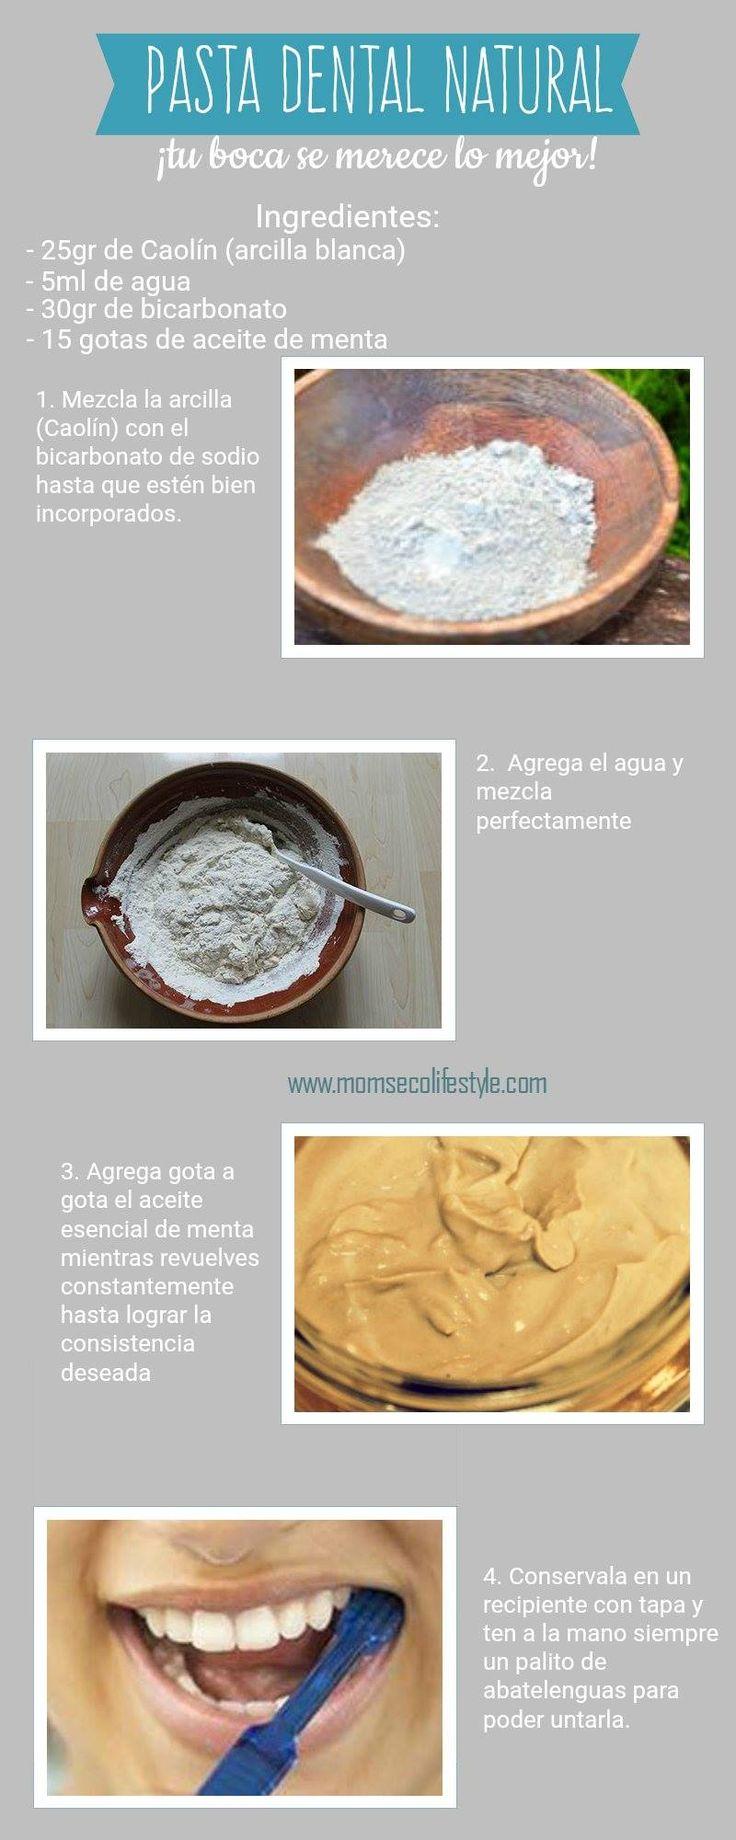 Pasta dental natural hecha en casa.